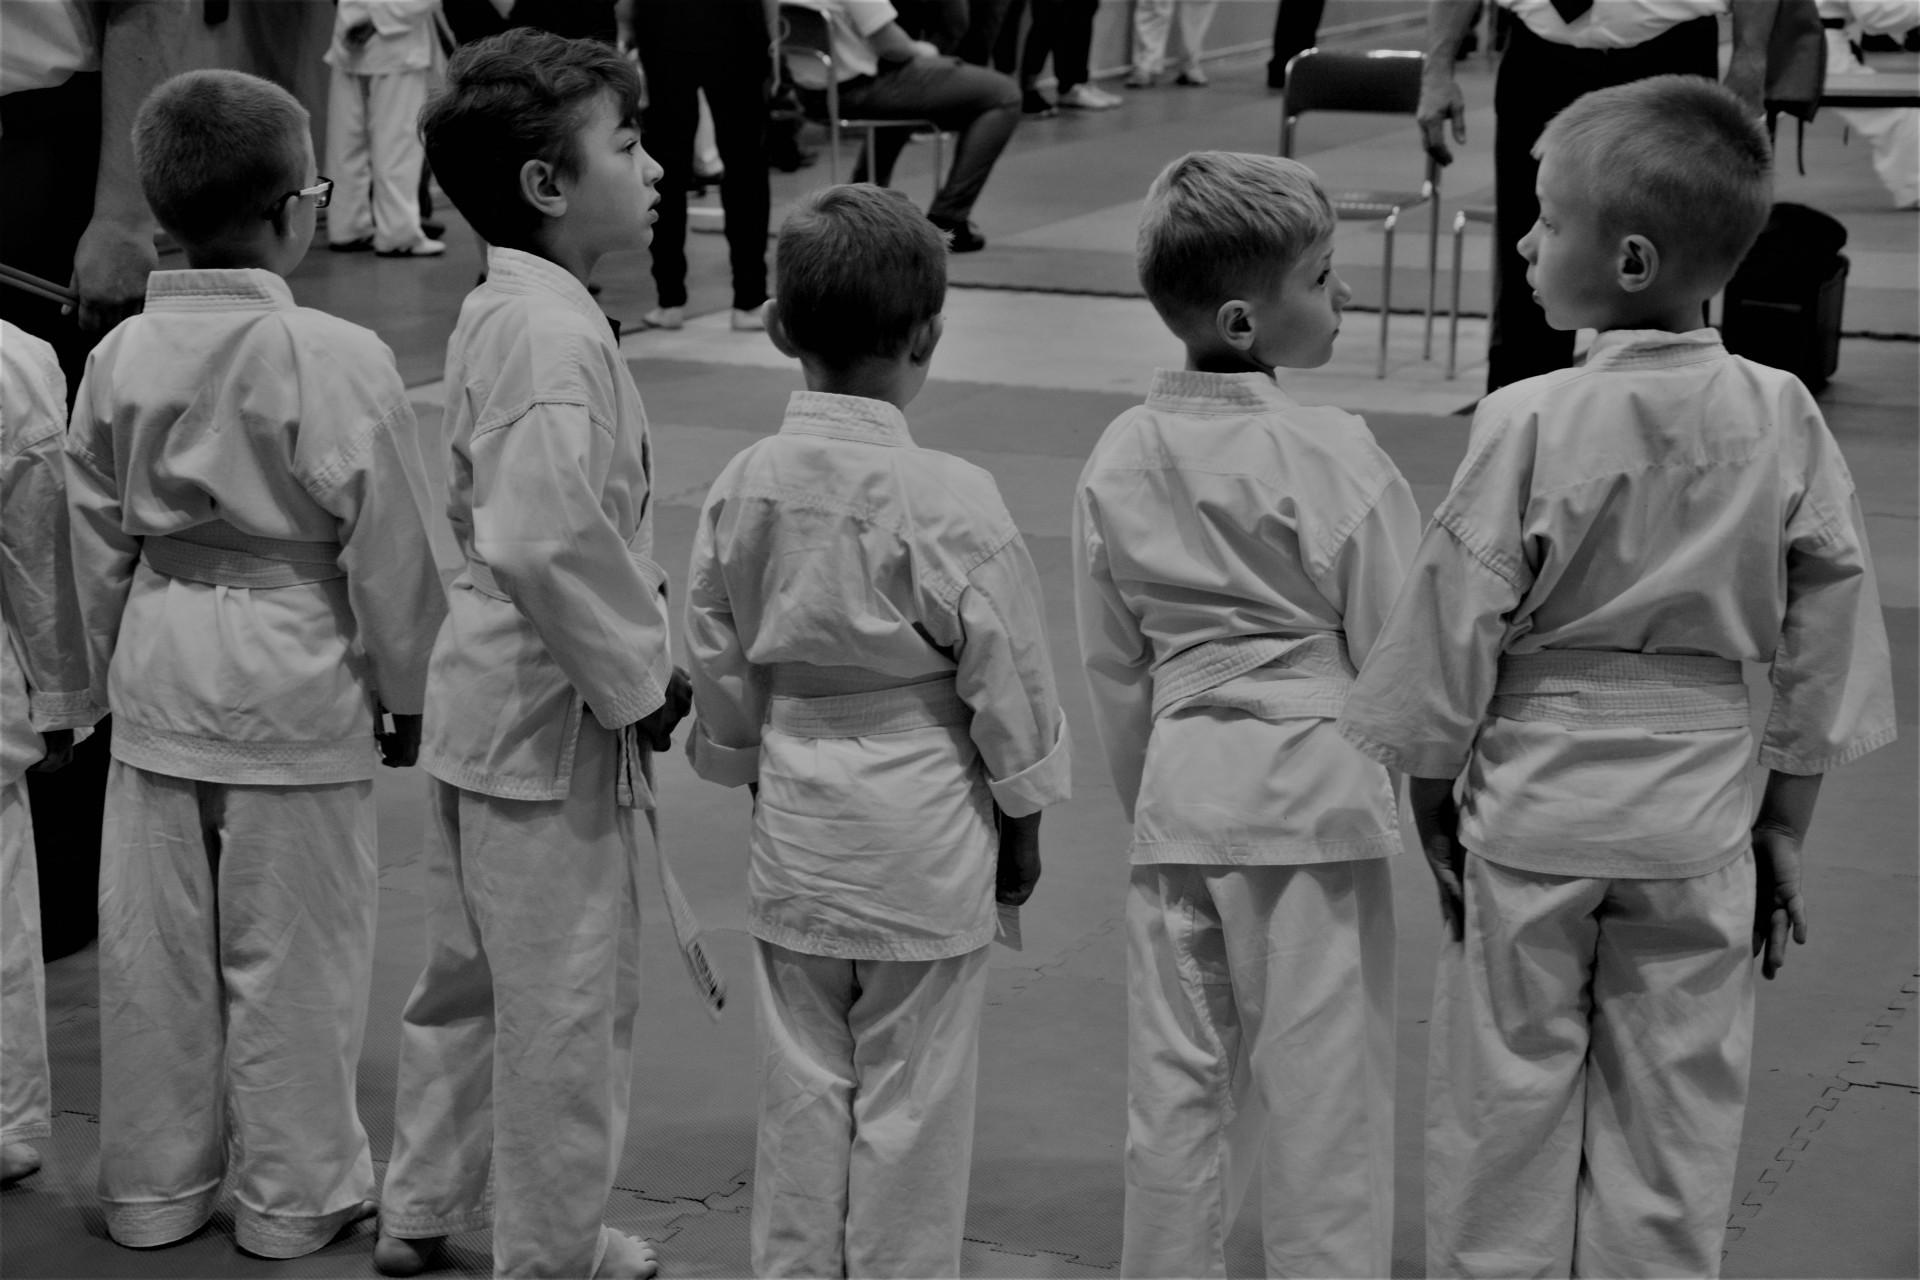 Karate - fotoreportaż. Żukowo, niedzielne przedpołudnie